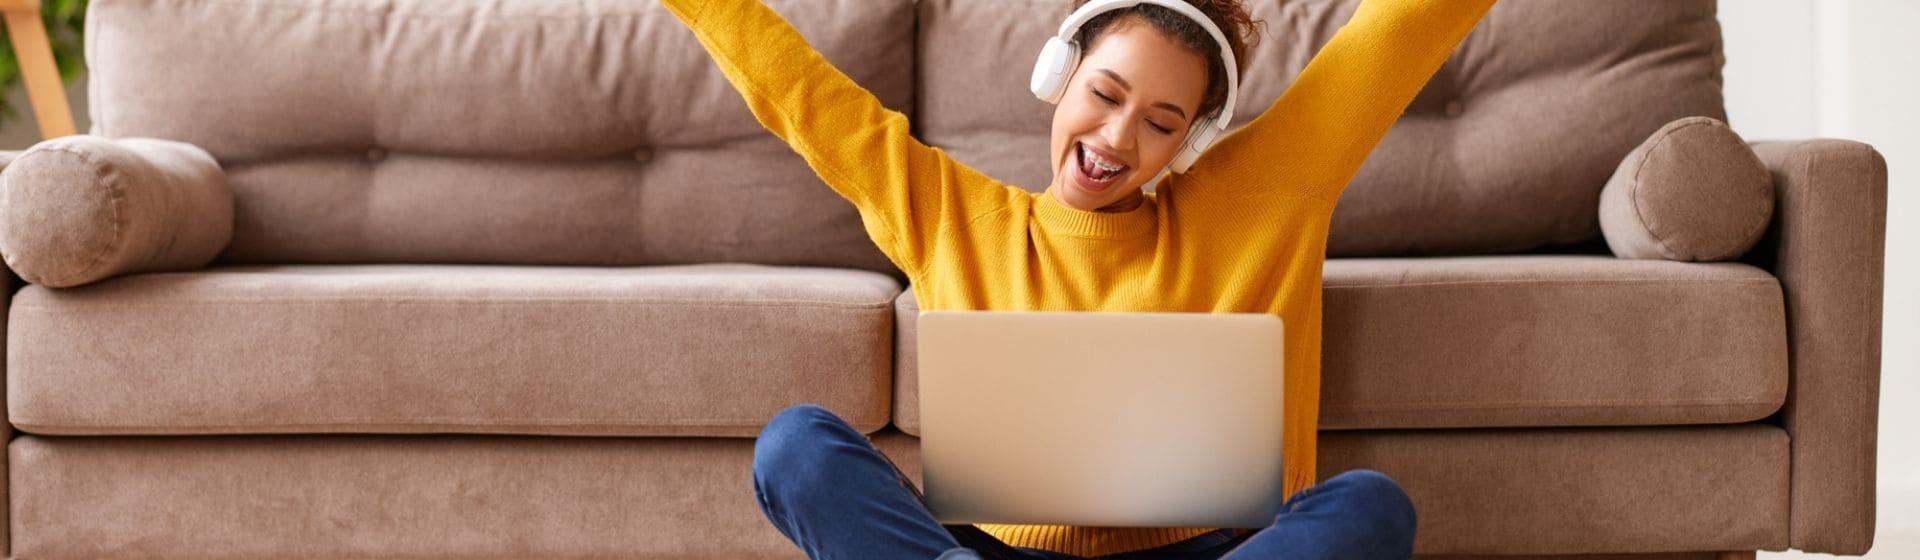 Rádio online grátis: como e onde ouvir no PC ou notebook